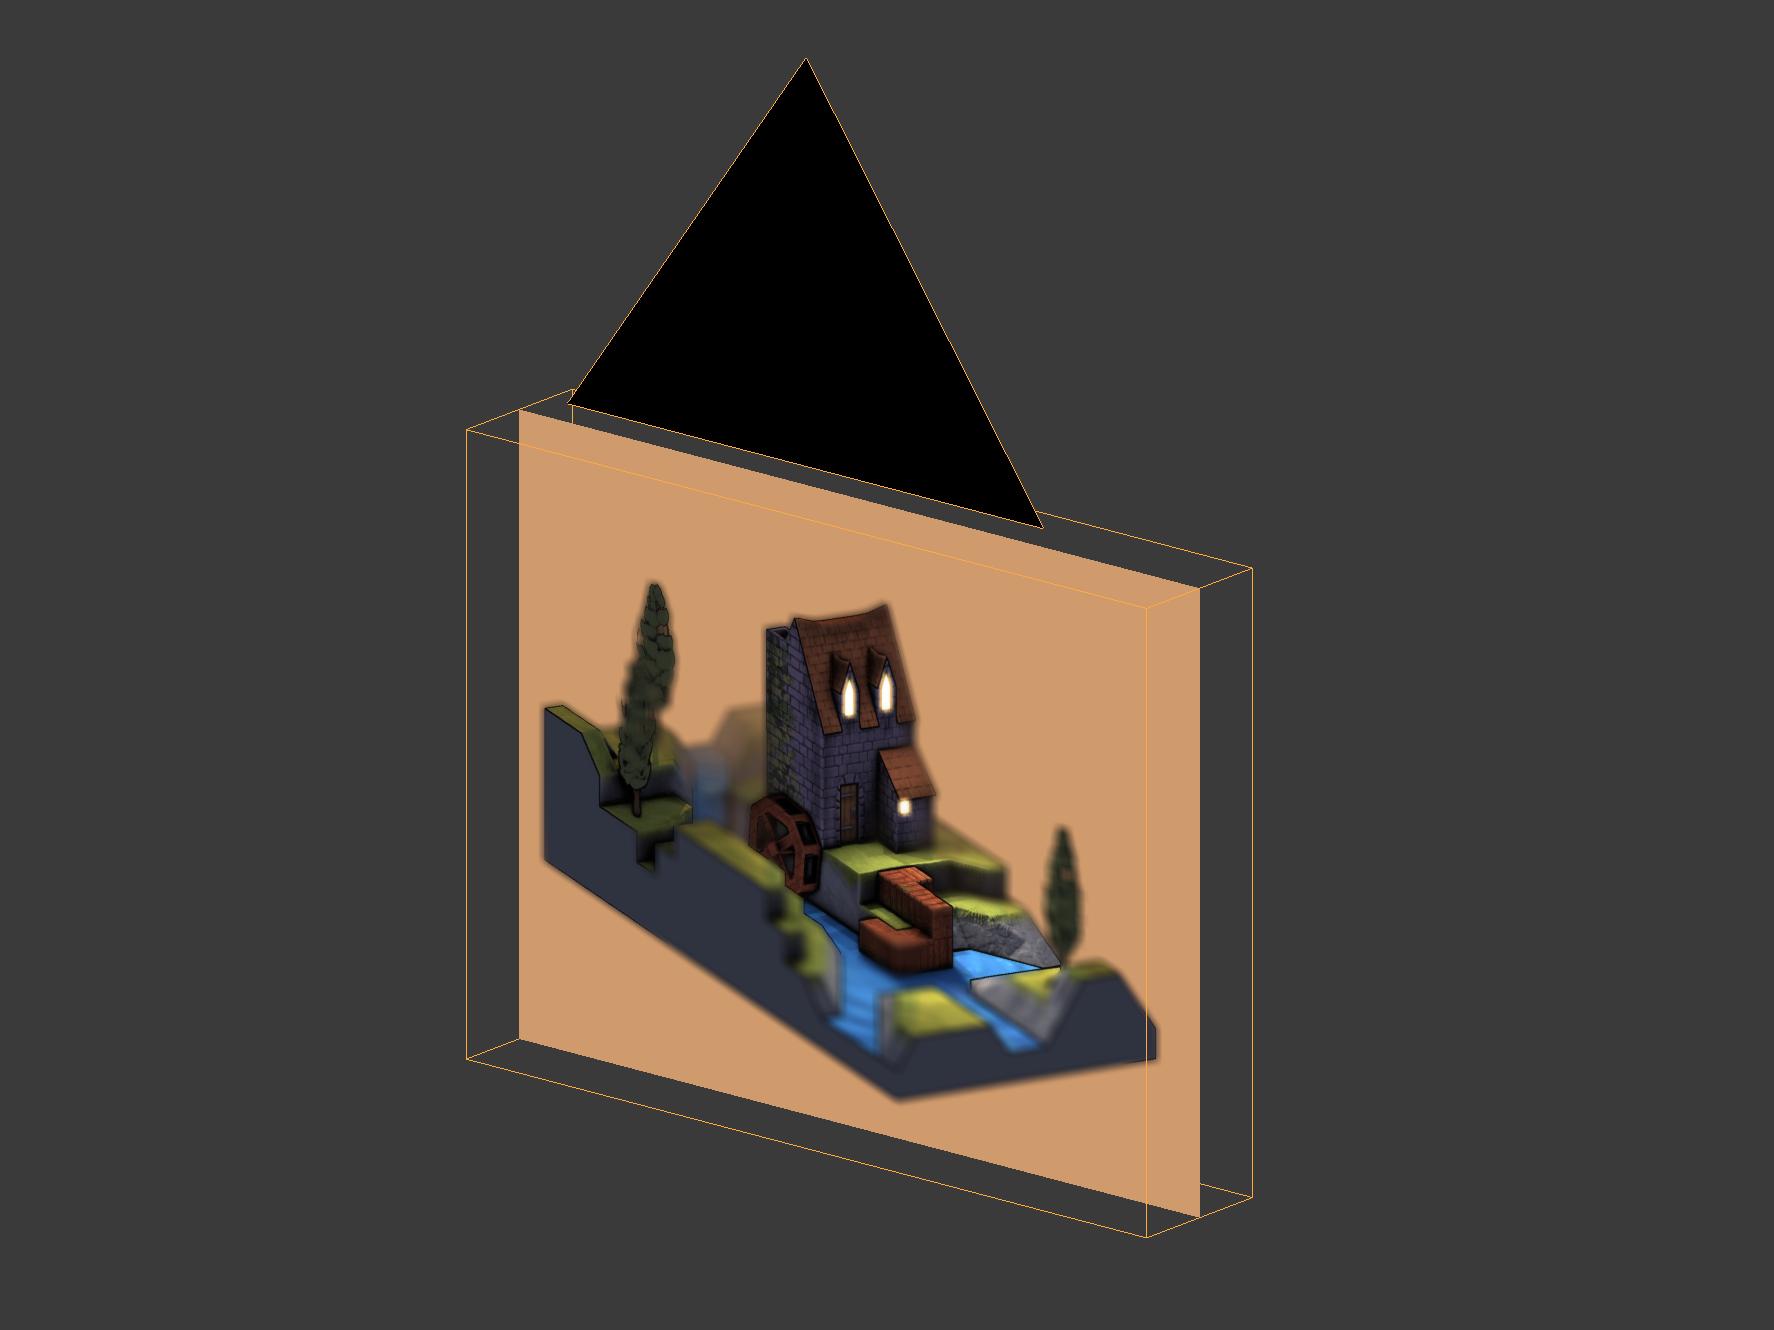 The second framebuffer texture setup.